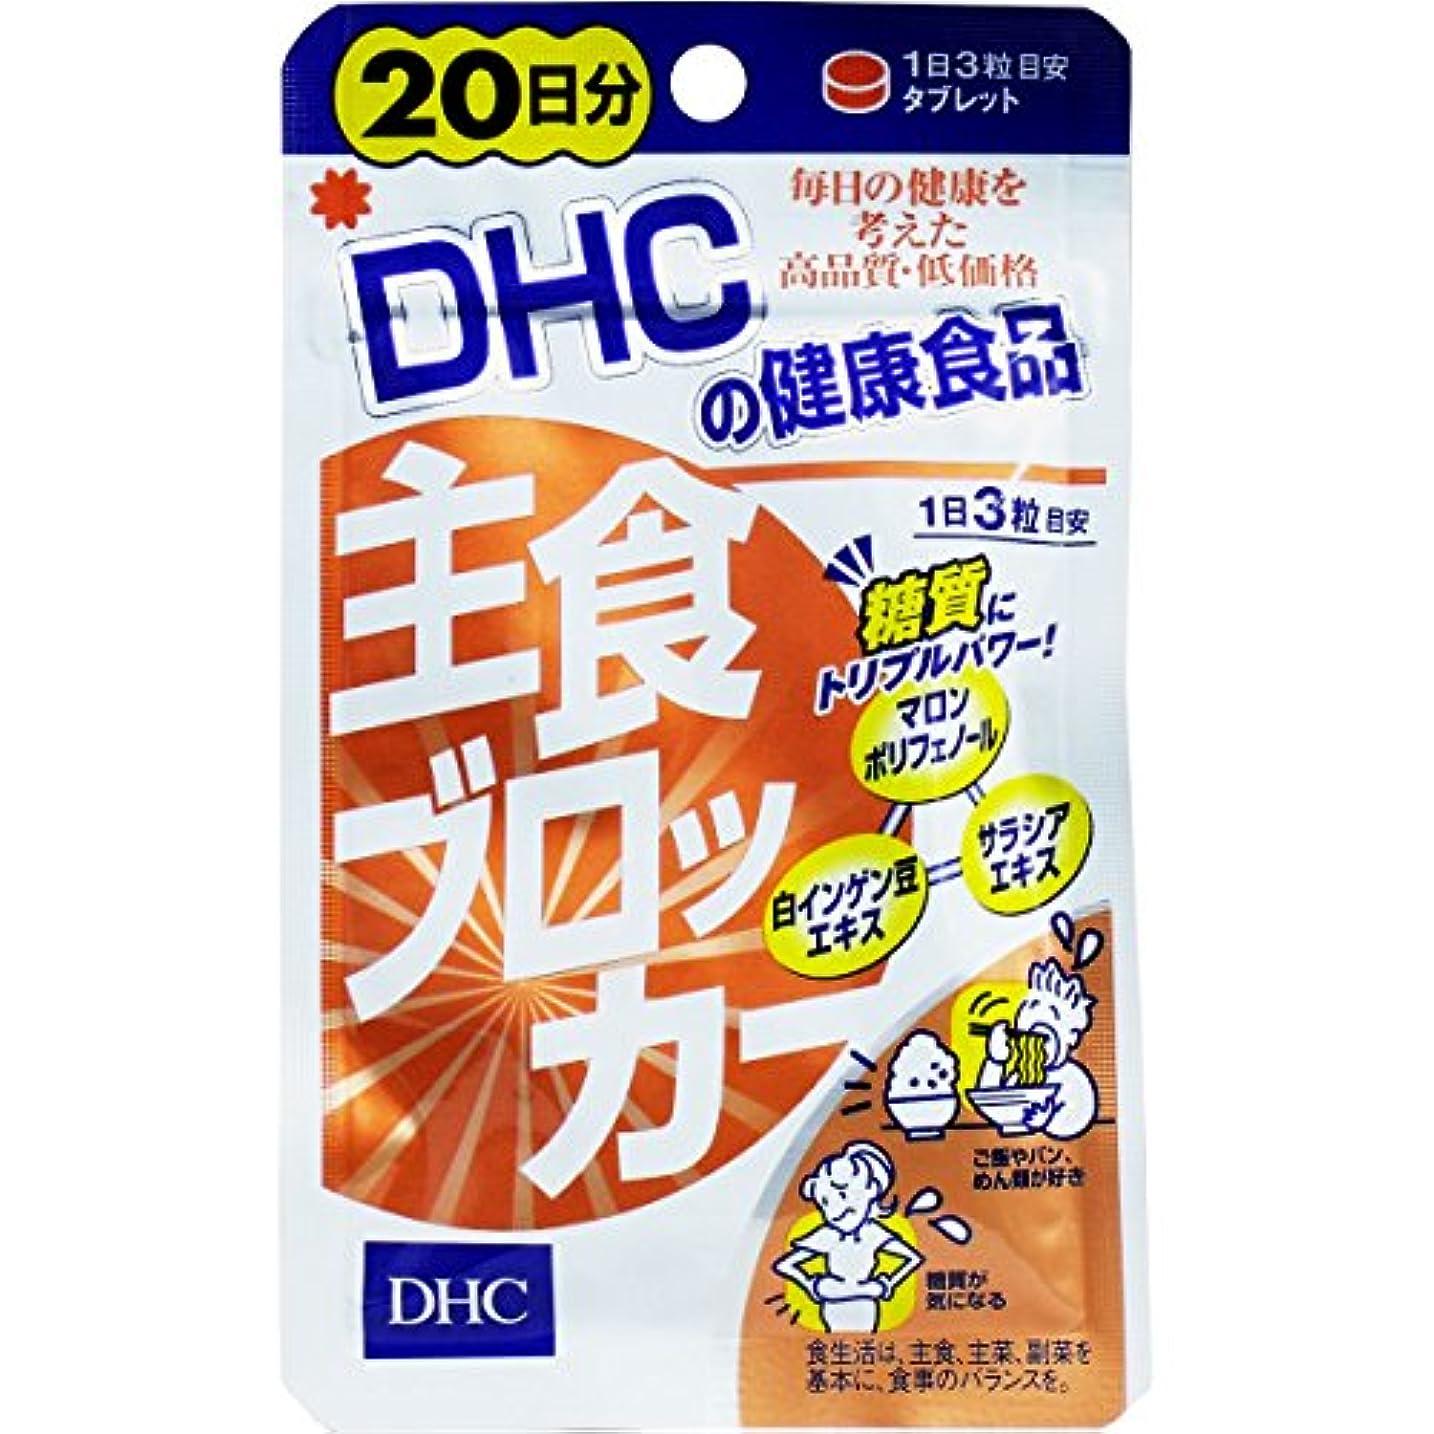 早熟ショッピングセンター藤色【DHC】主食ブロッカー 20日分 60粒 ×10個セット